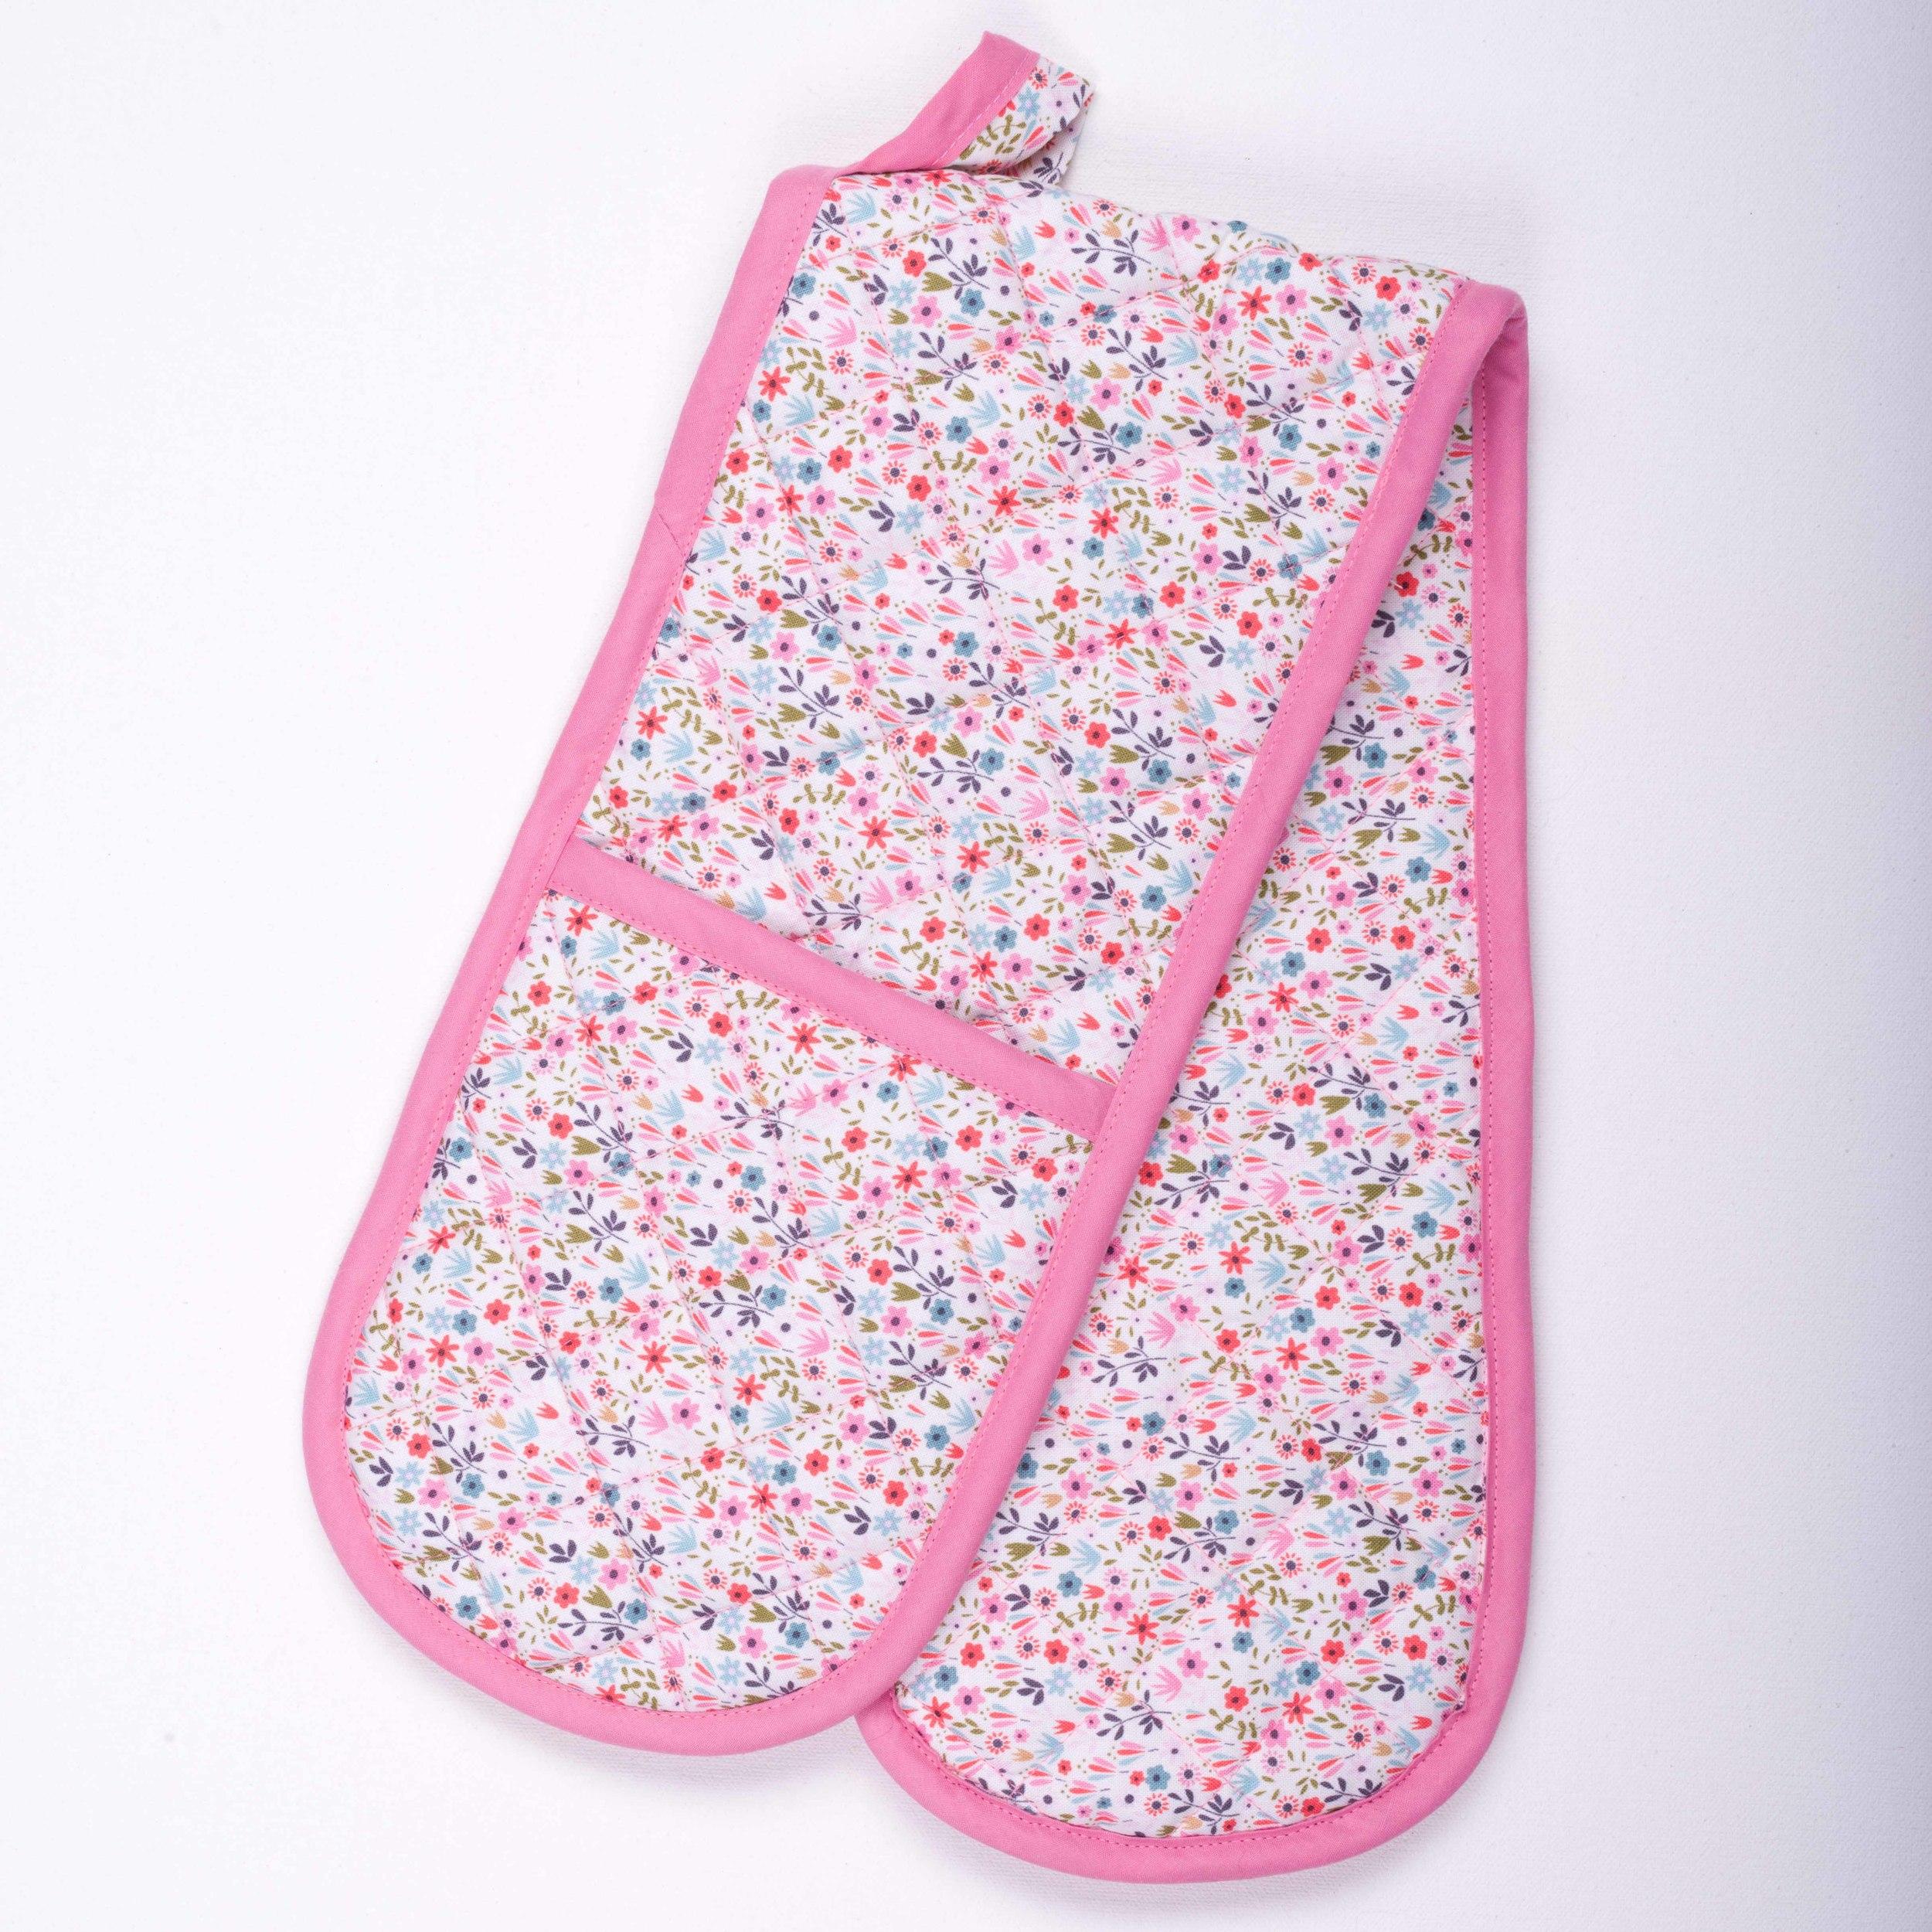 Skoo KidsKitchen Pink Floral Print Oven Gloves